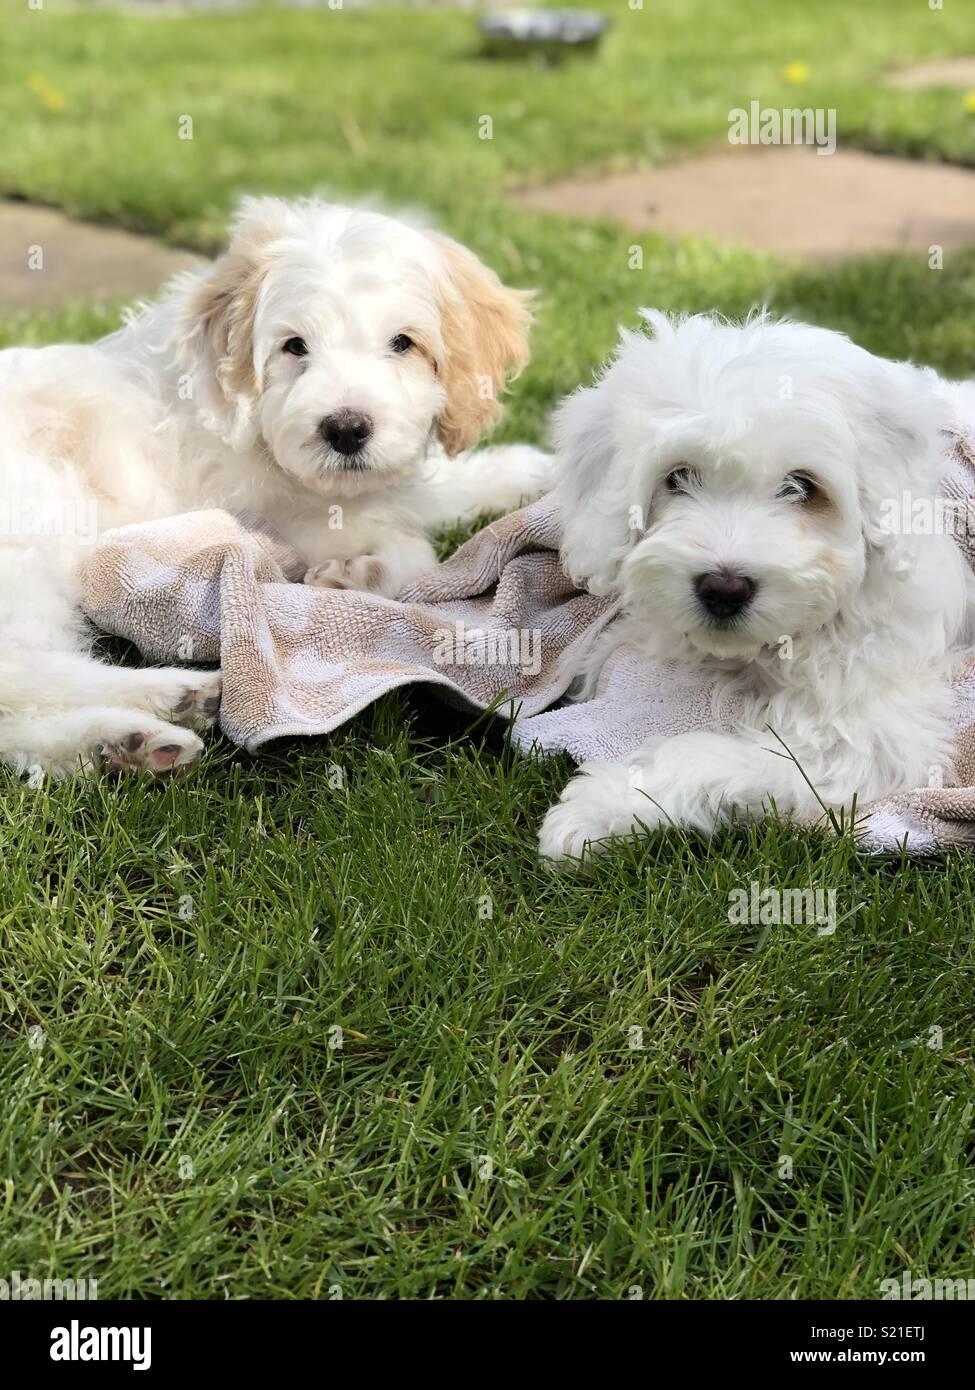 Cockapoo puppies - Stock Image